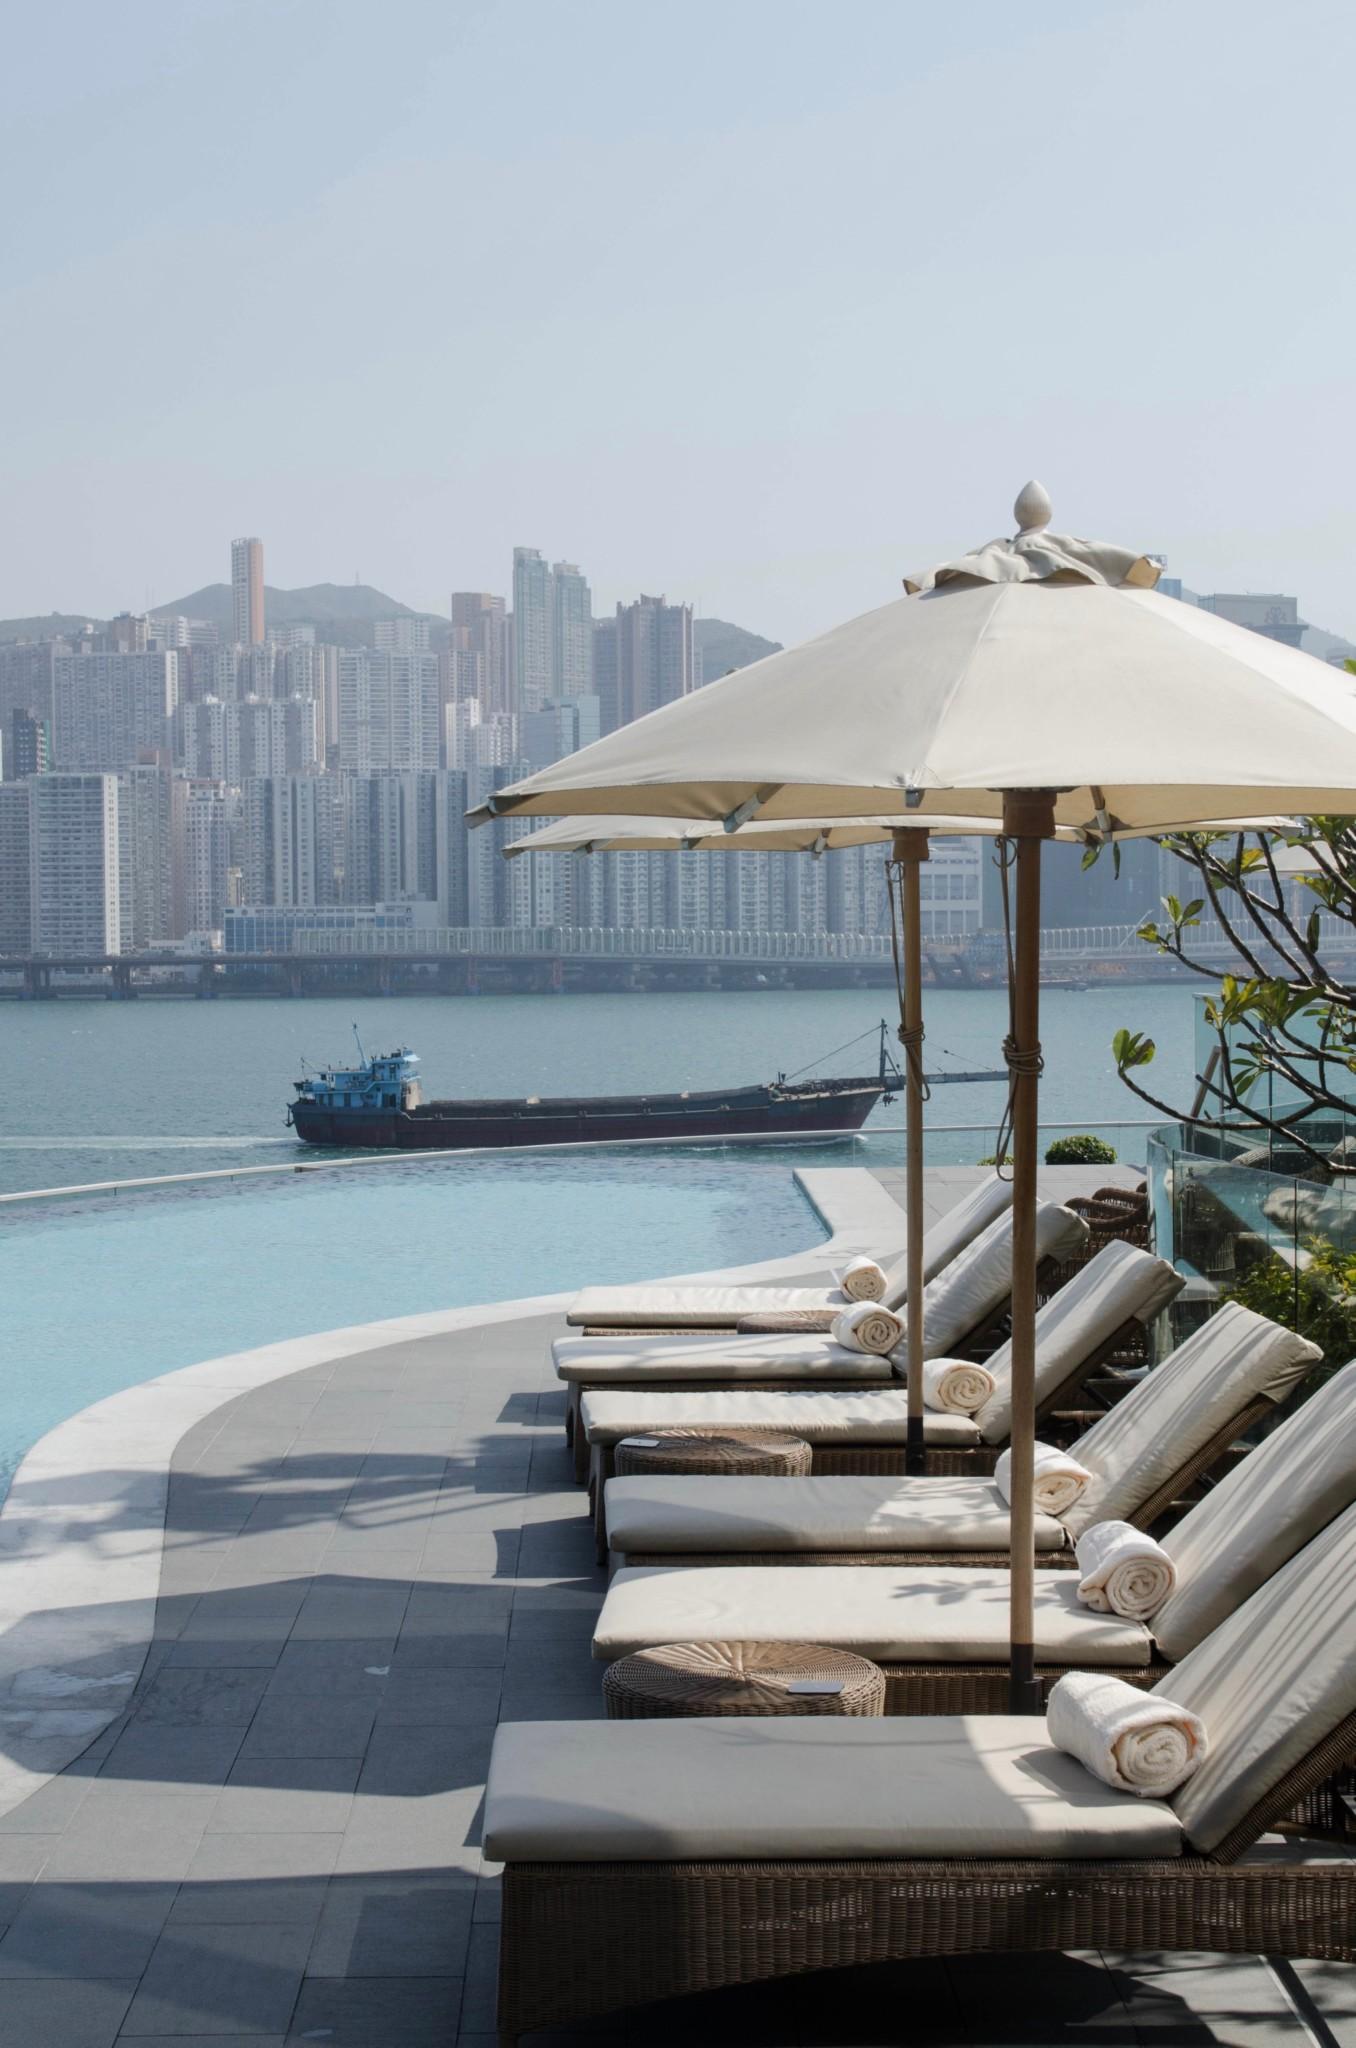 Liegestühle im Kerry Hotel Hongkong